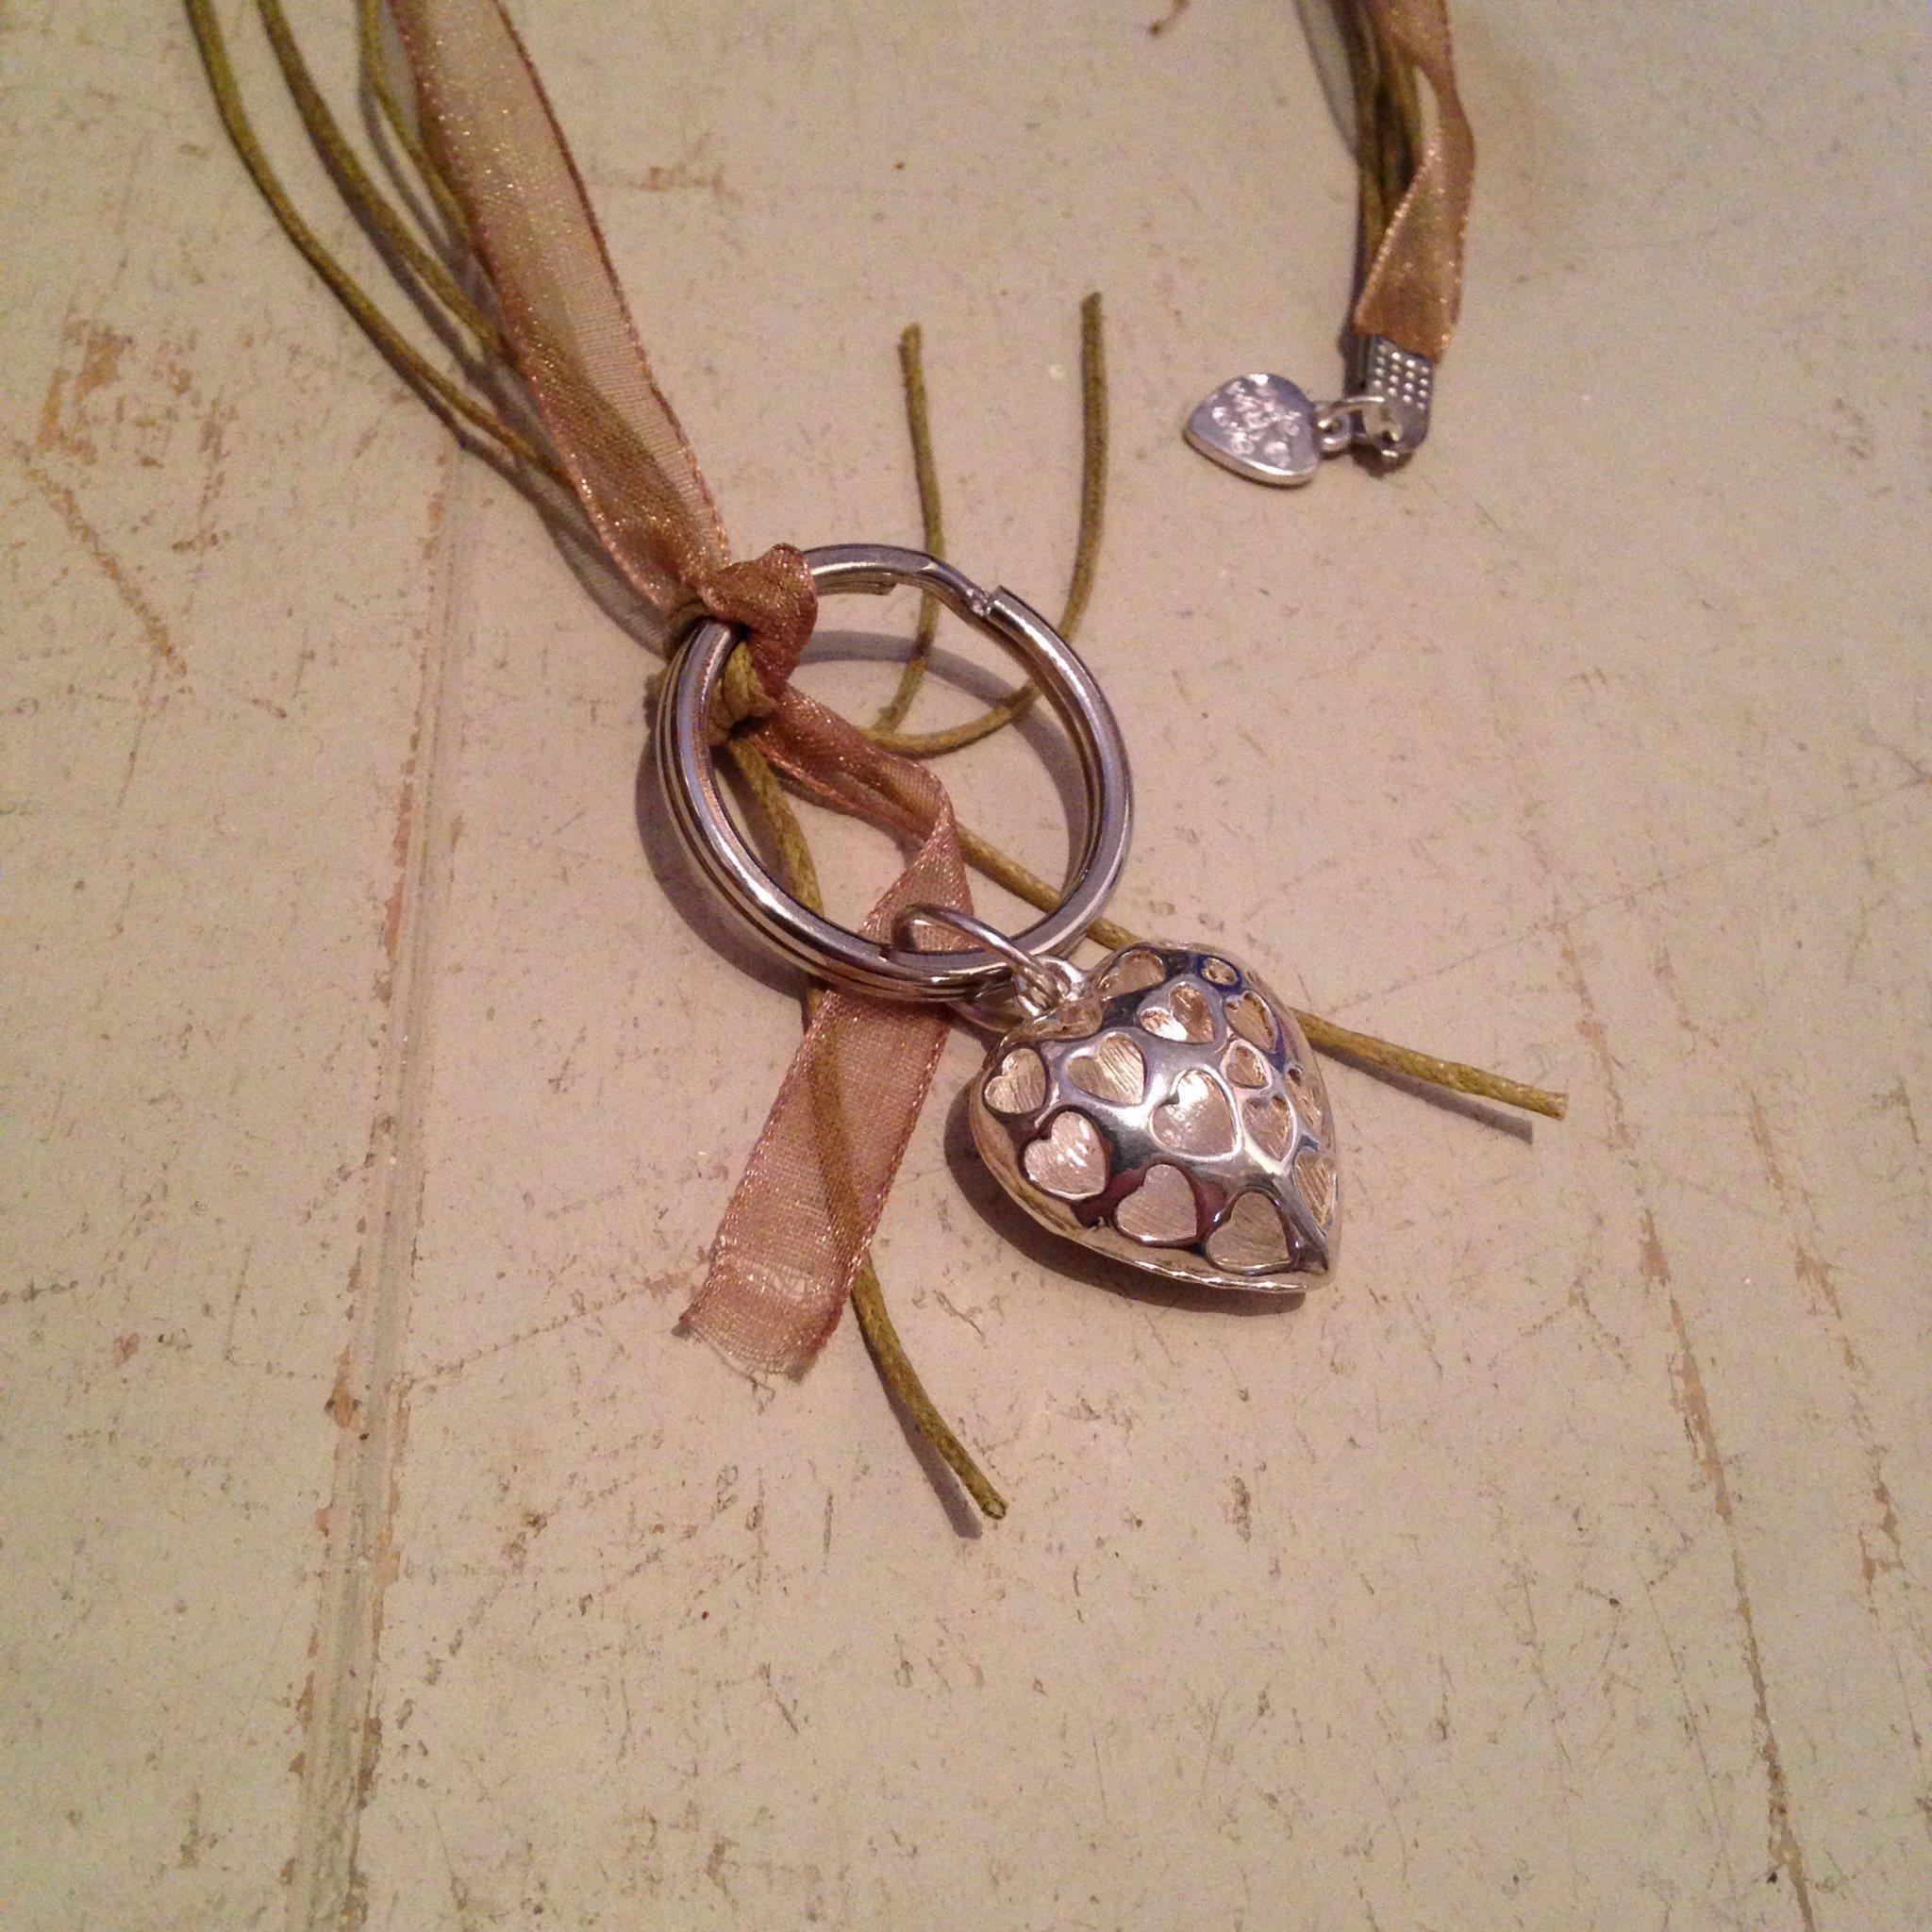 Nyckelring hjärta (340721532) ᐈ Köp på Tradera 0da1581a2b51c